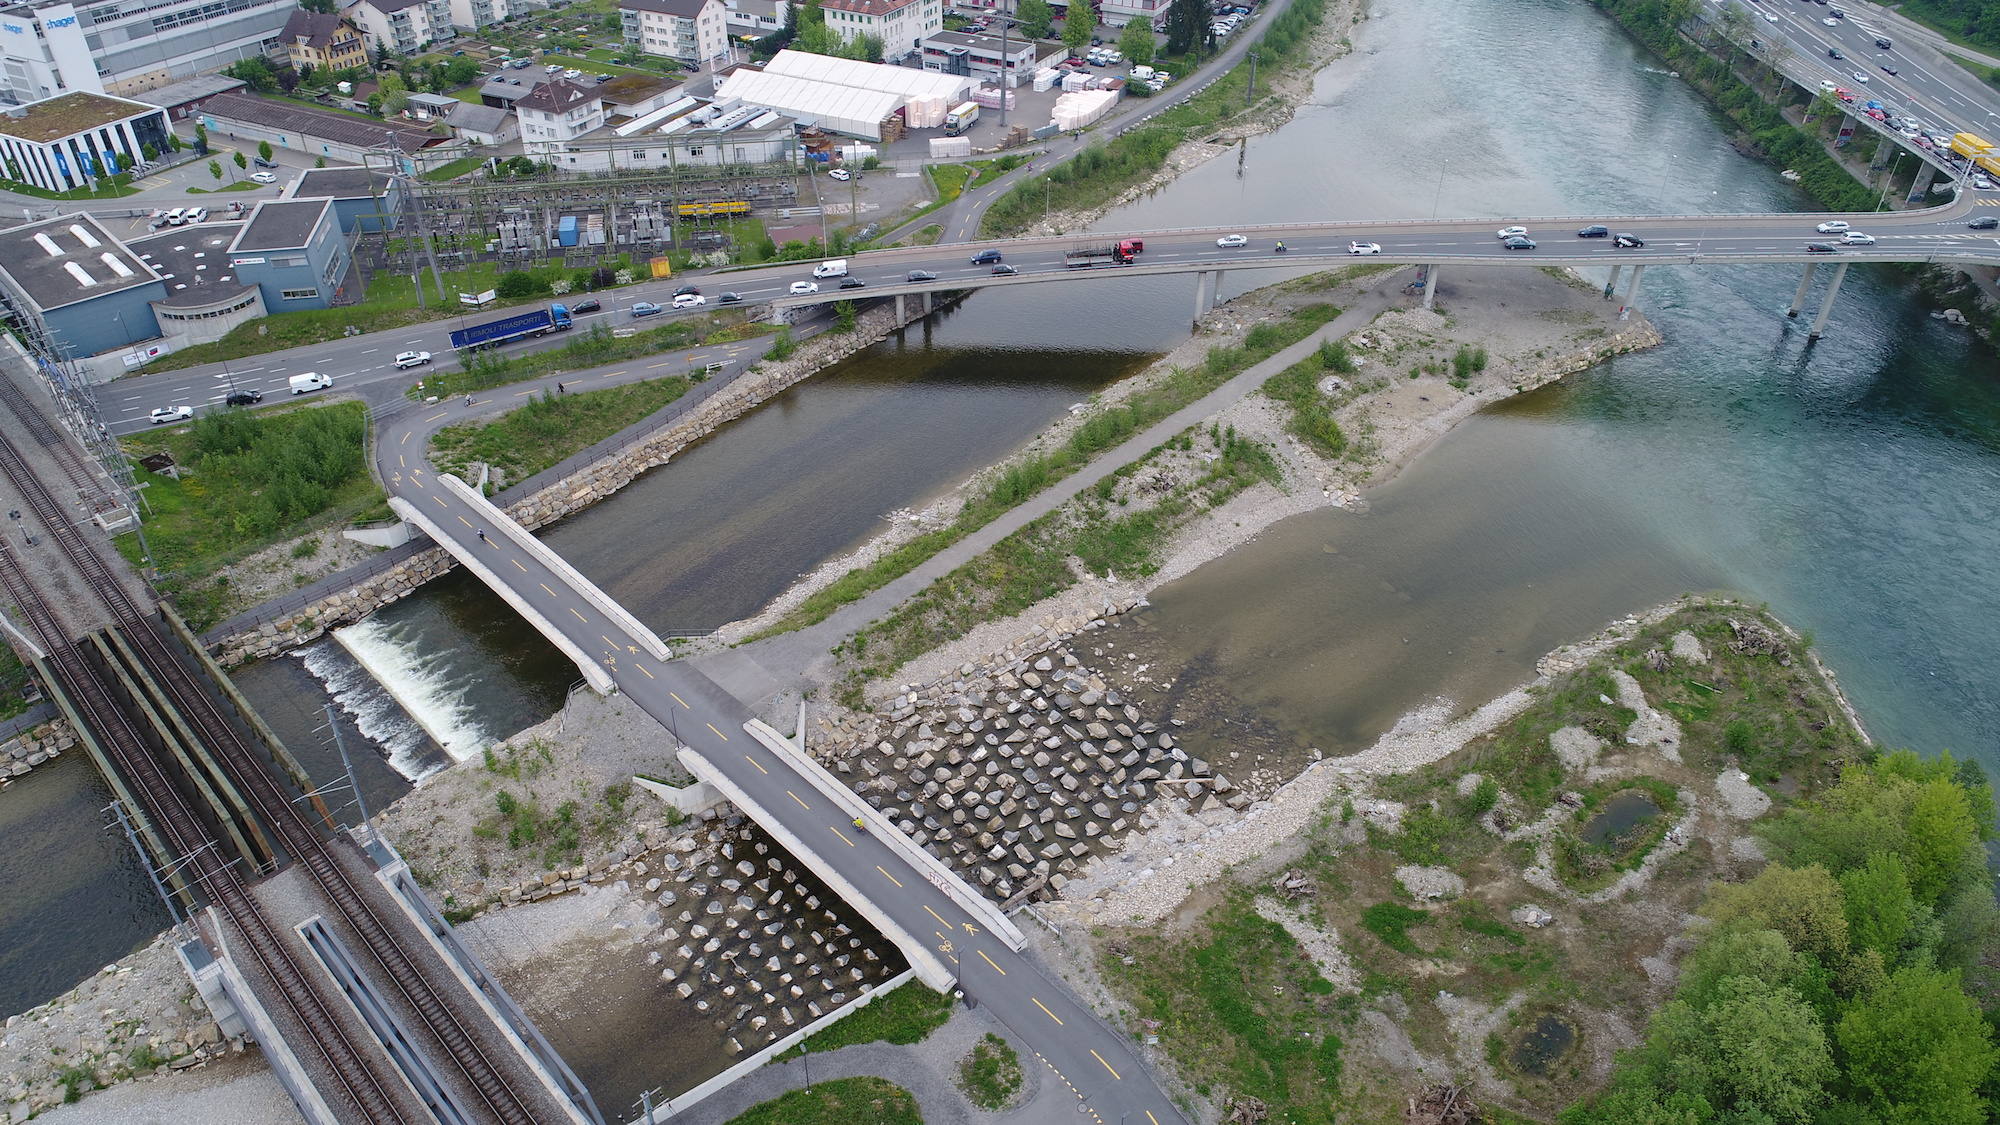 Fische können über die neu erstellte Blockrampe im Mündungsbereich der Kleinen Emme in die Reuss wieder Richtung Entlebuch schwimmen.